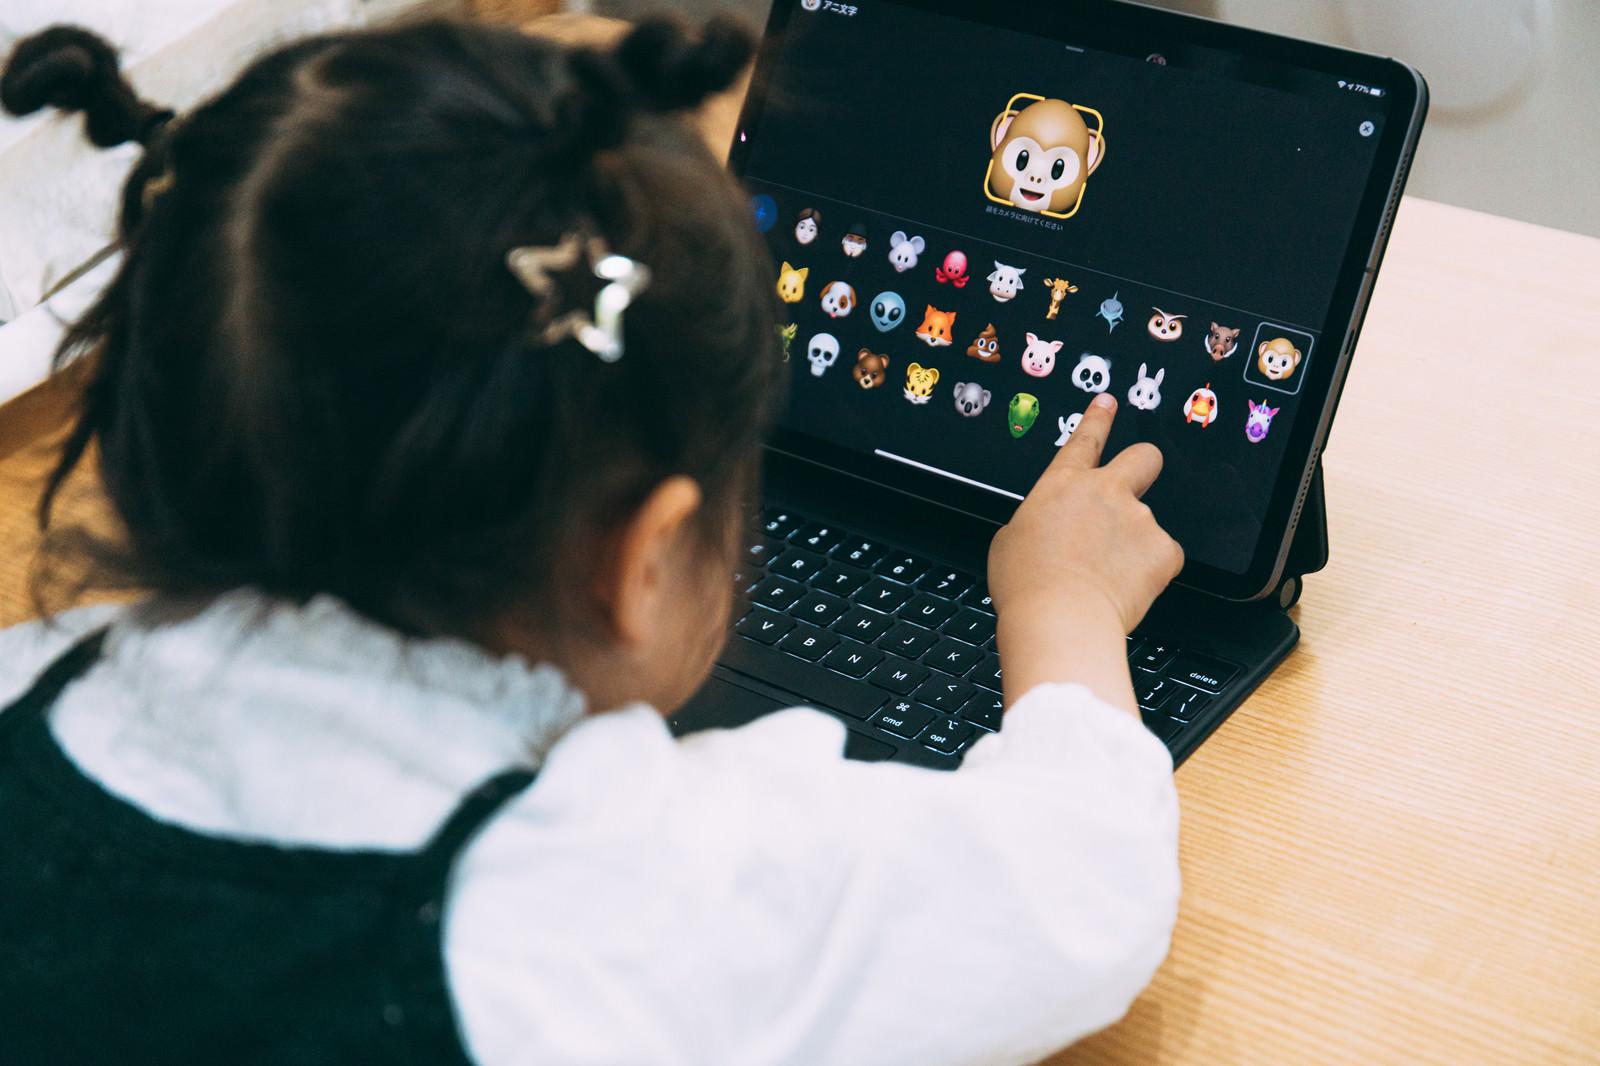 「愛娘がiPadを触る様子」の写真